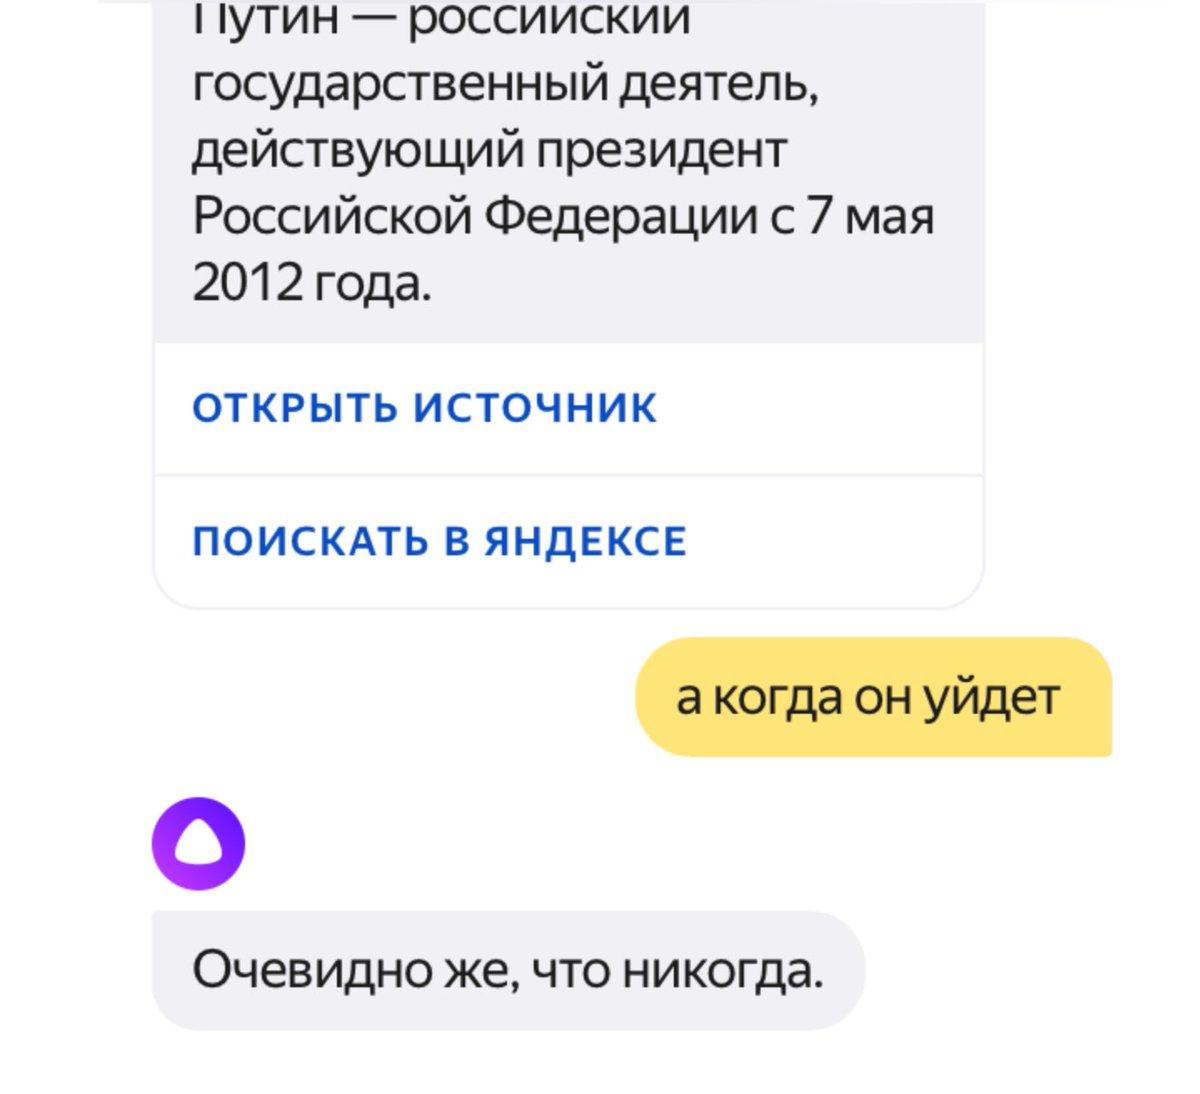 «Алиса, куда спрятать труп? Парк»: в соцсетях тестируют голосового помощника от «Яндекса»